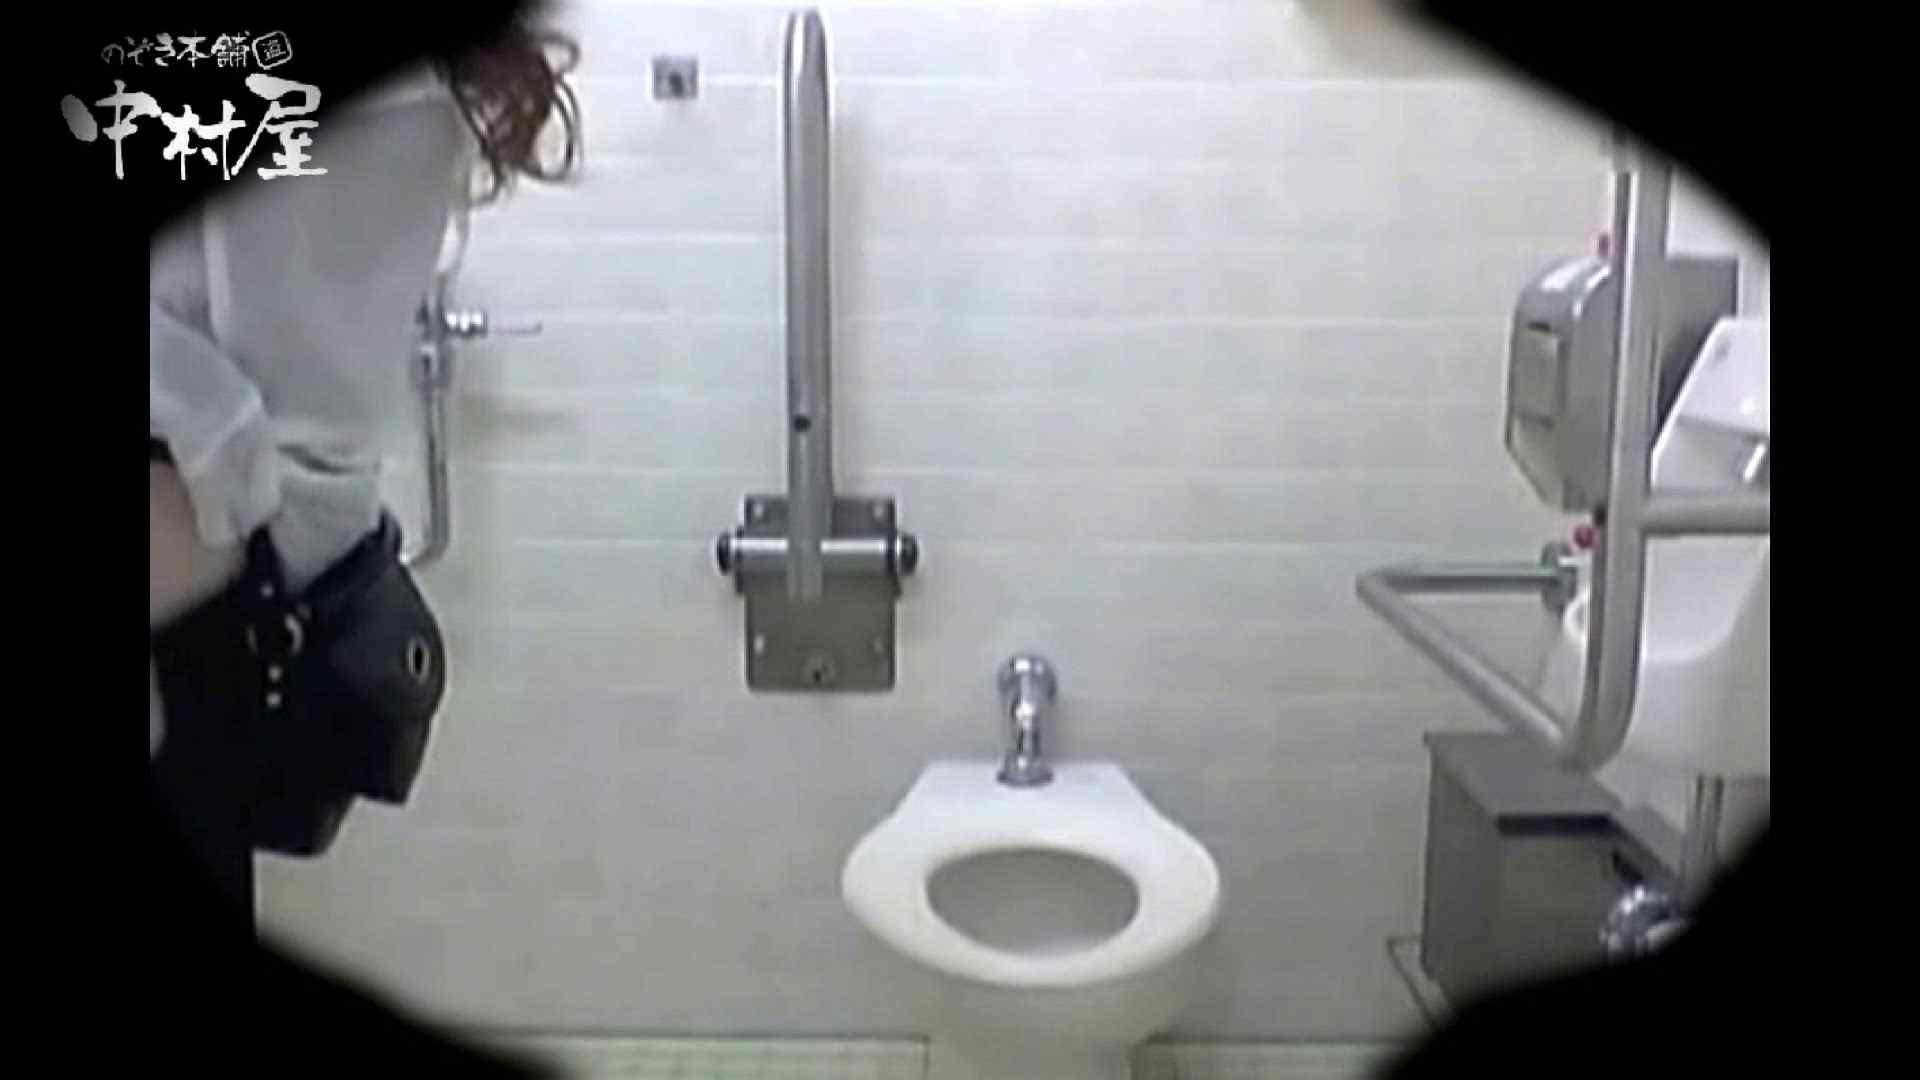 teen galトイレ覗き紙がナイ編‼vol.10 トイレ | 浴衣 盗撮 100PIX 1